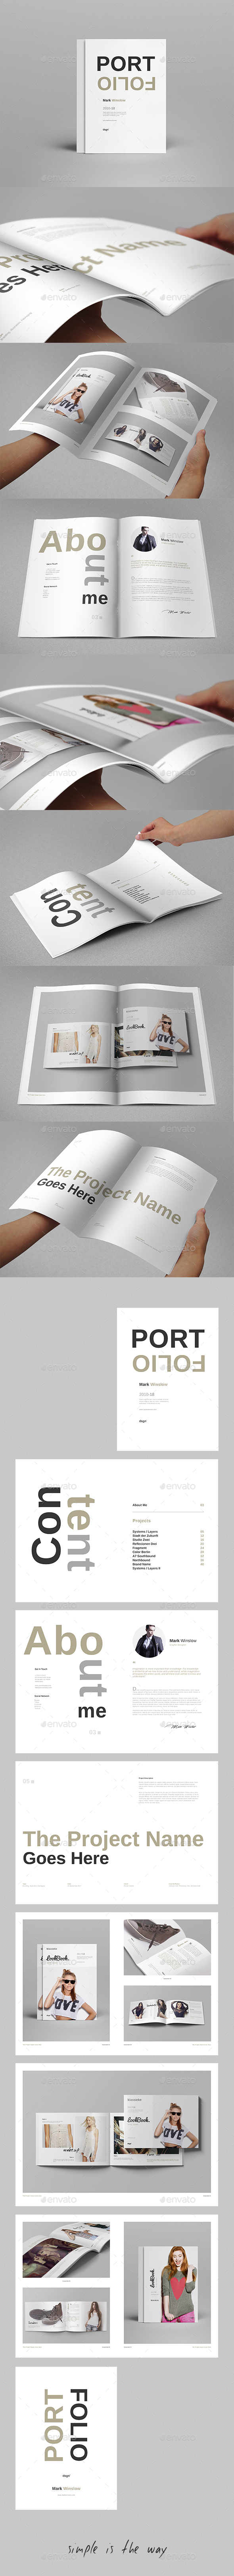 Portfolio Booklet | Indesign templates, Template and Design portfolios